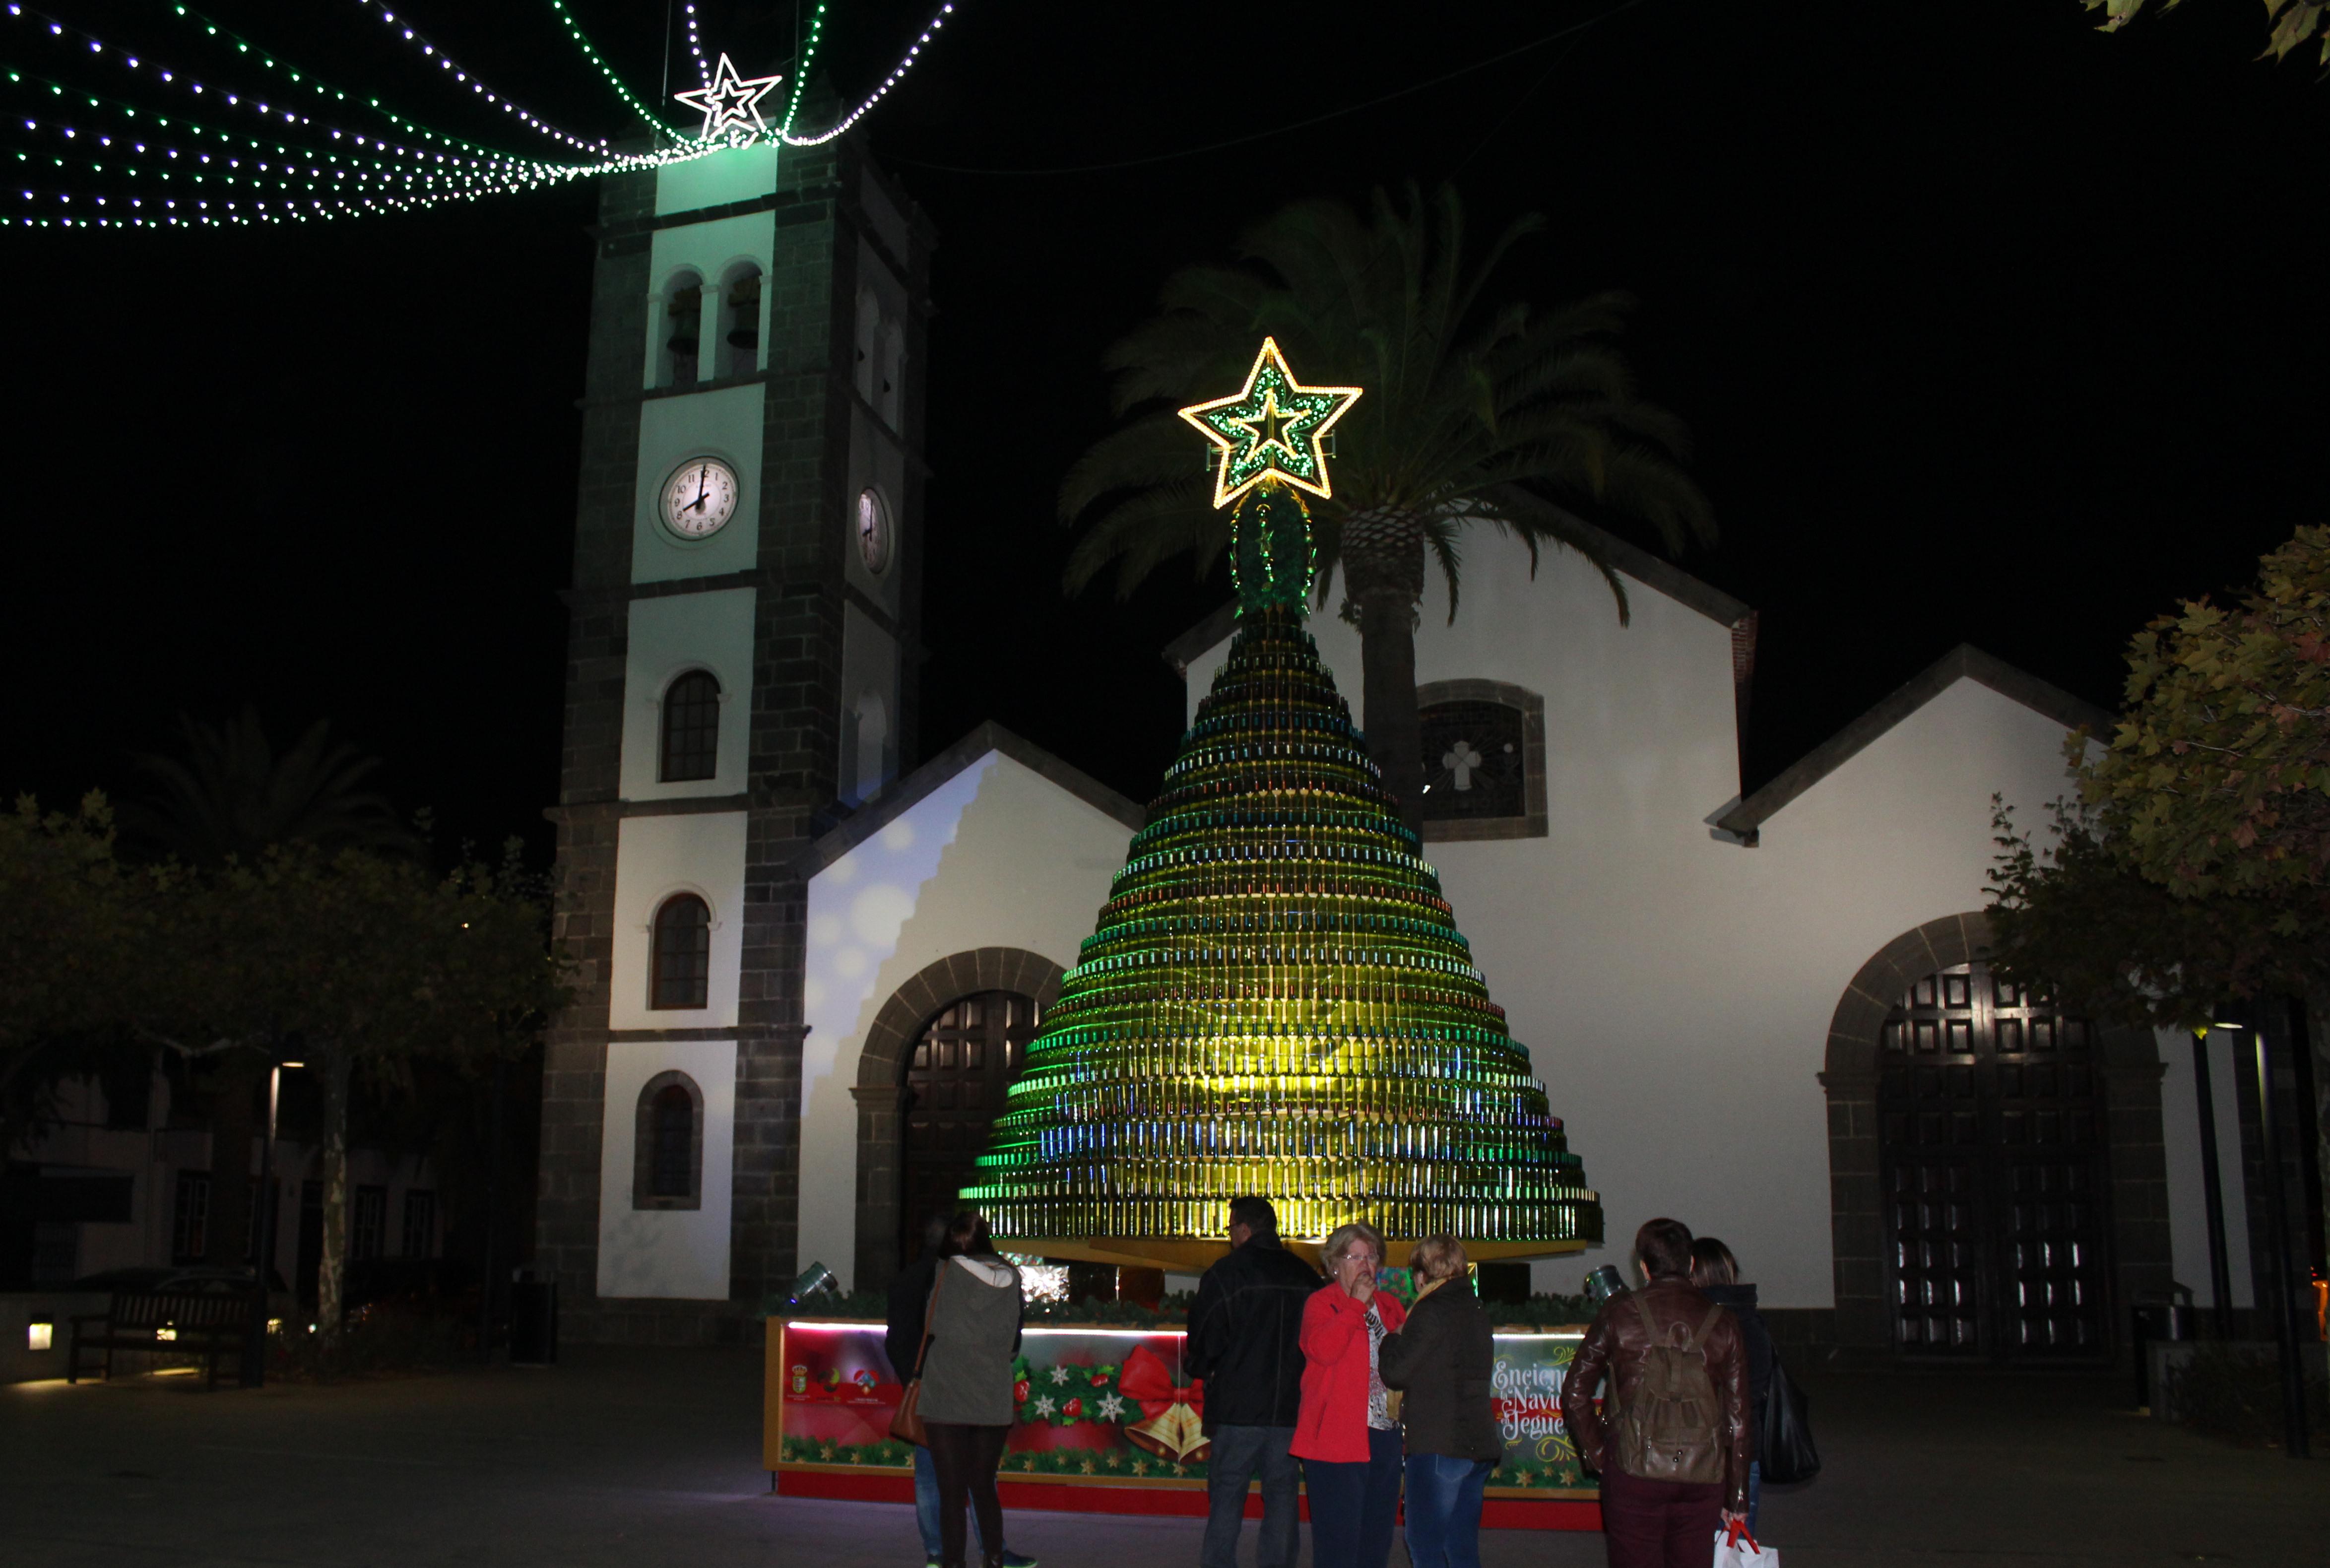 Marcos Para Fotos De Arbol De Navidad.Un Arbol De Navidad De Ocho Metros Y 1600 Botellas Adorna La